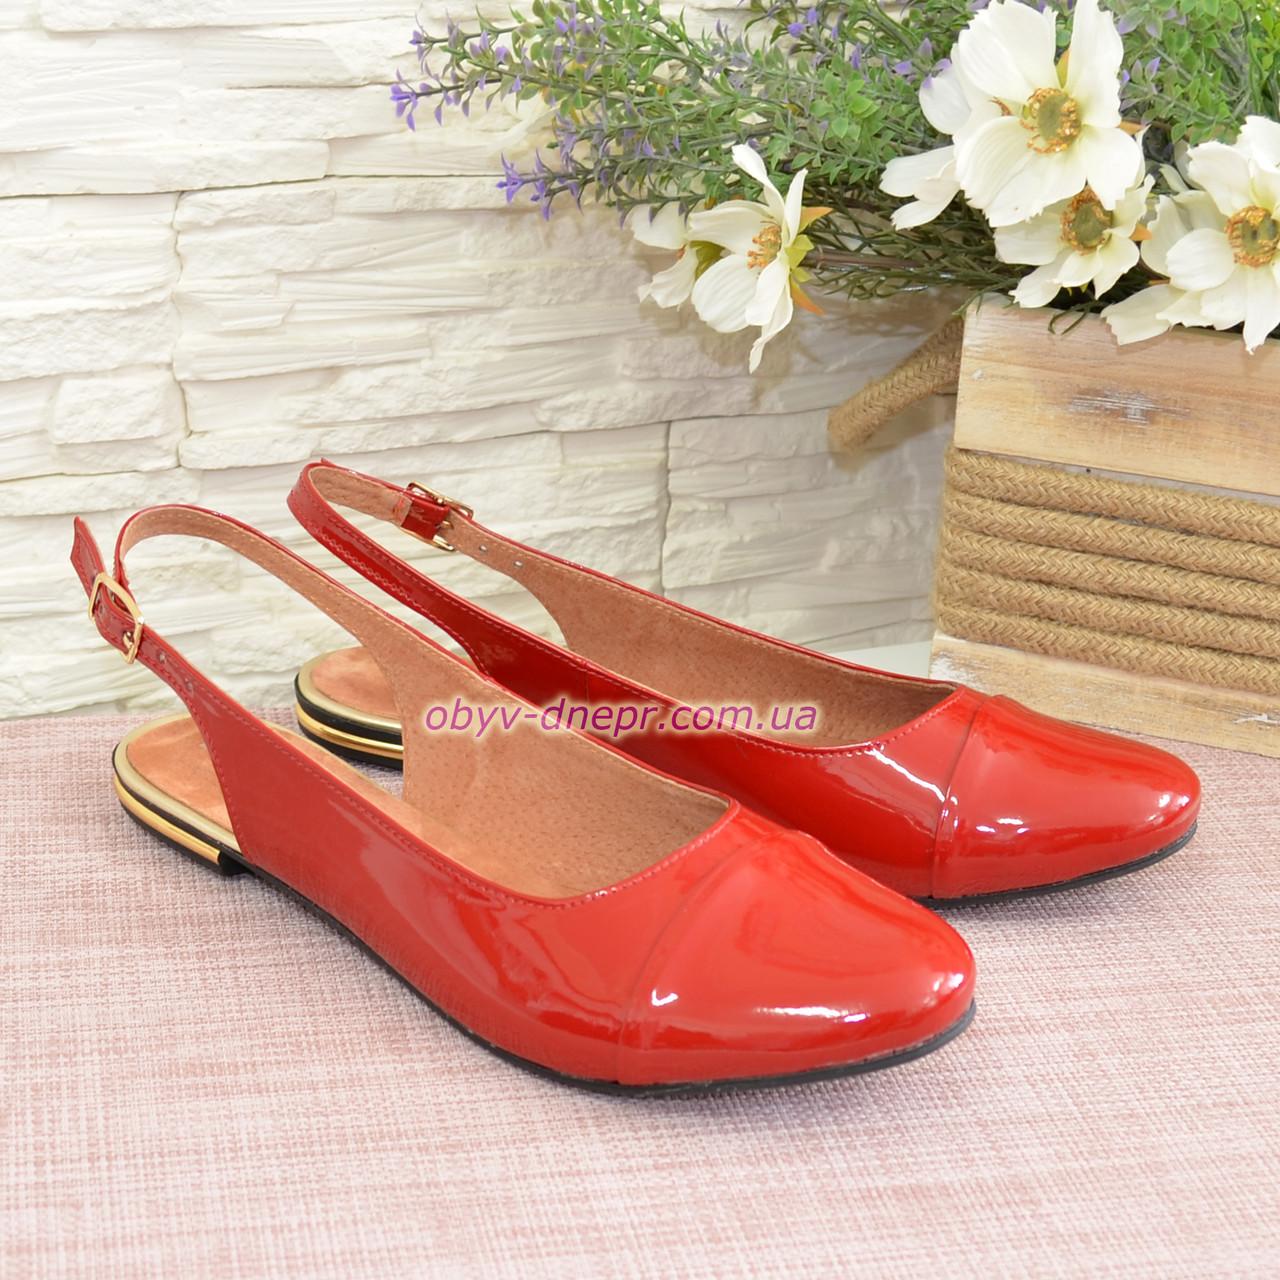 Женские лаковые босоножки с закрытым носком и открытой пяткой, цвет красный